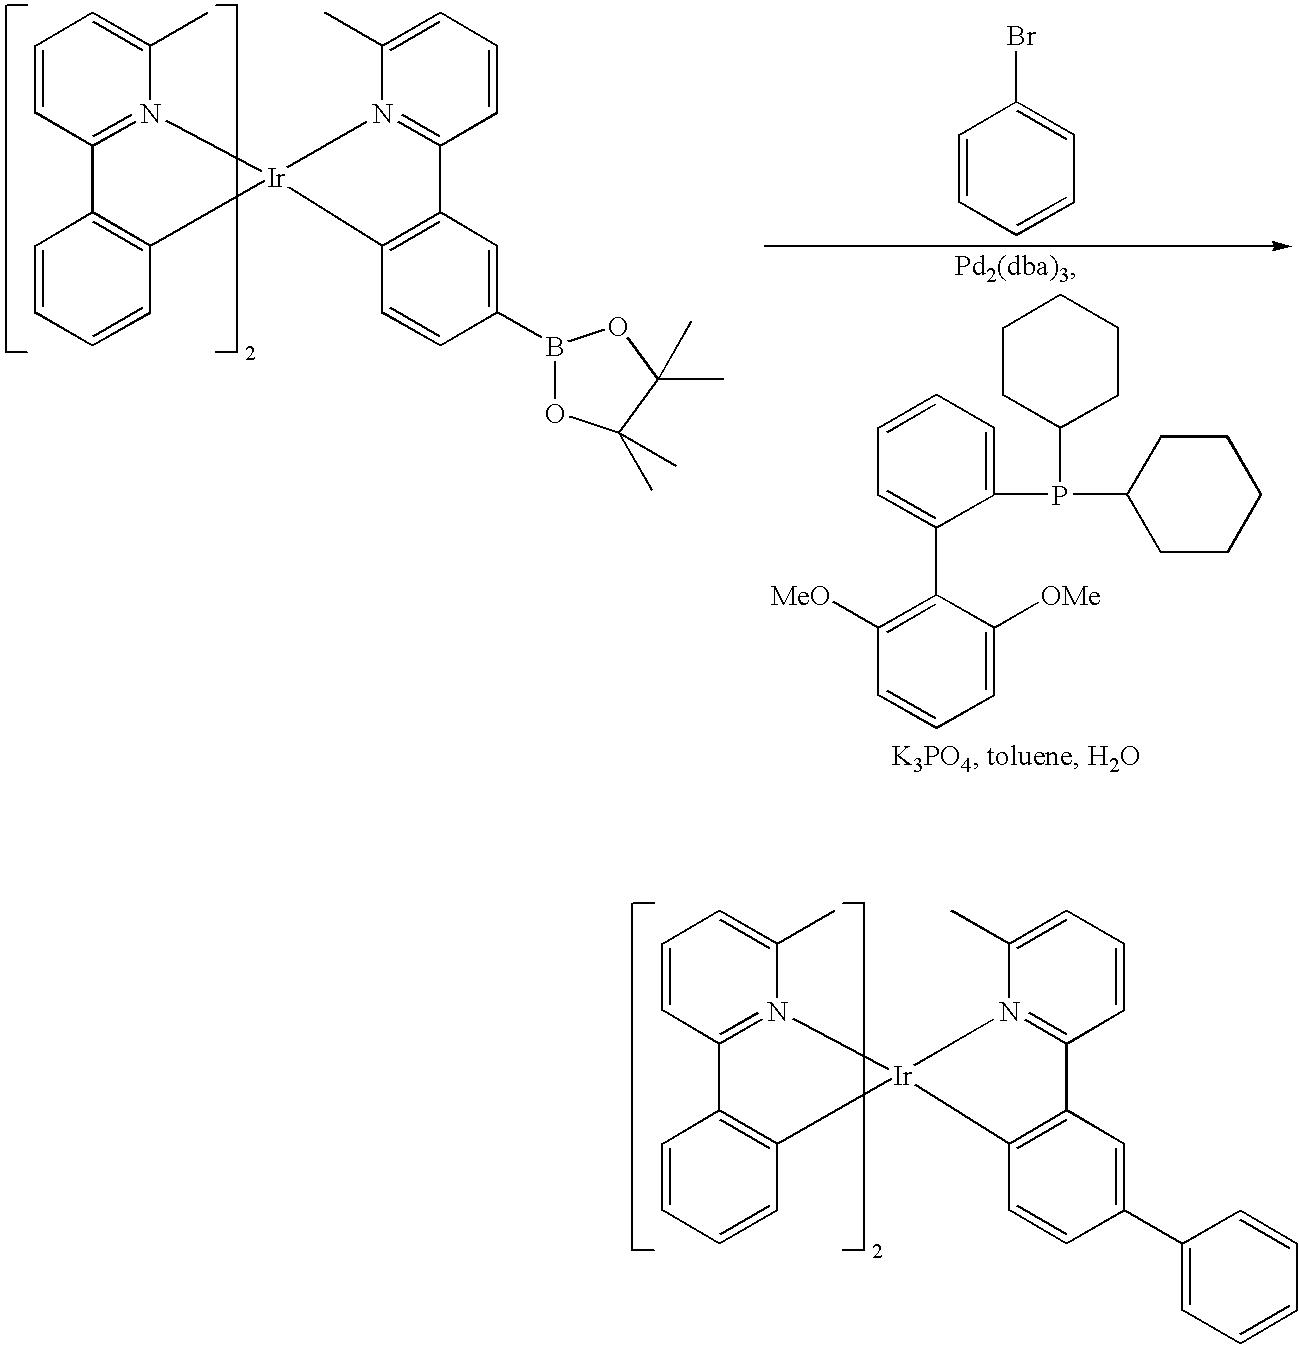 Figure US20090108737A1-20090430-C00093